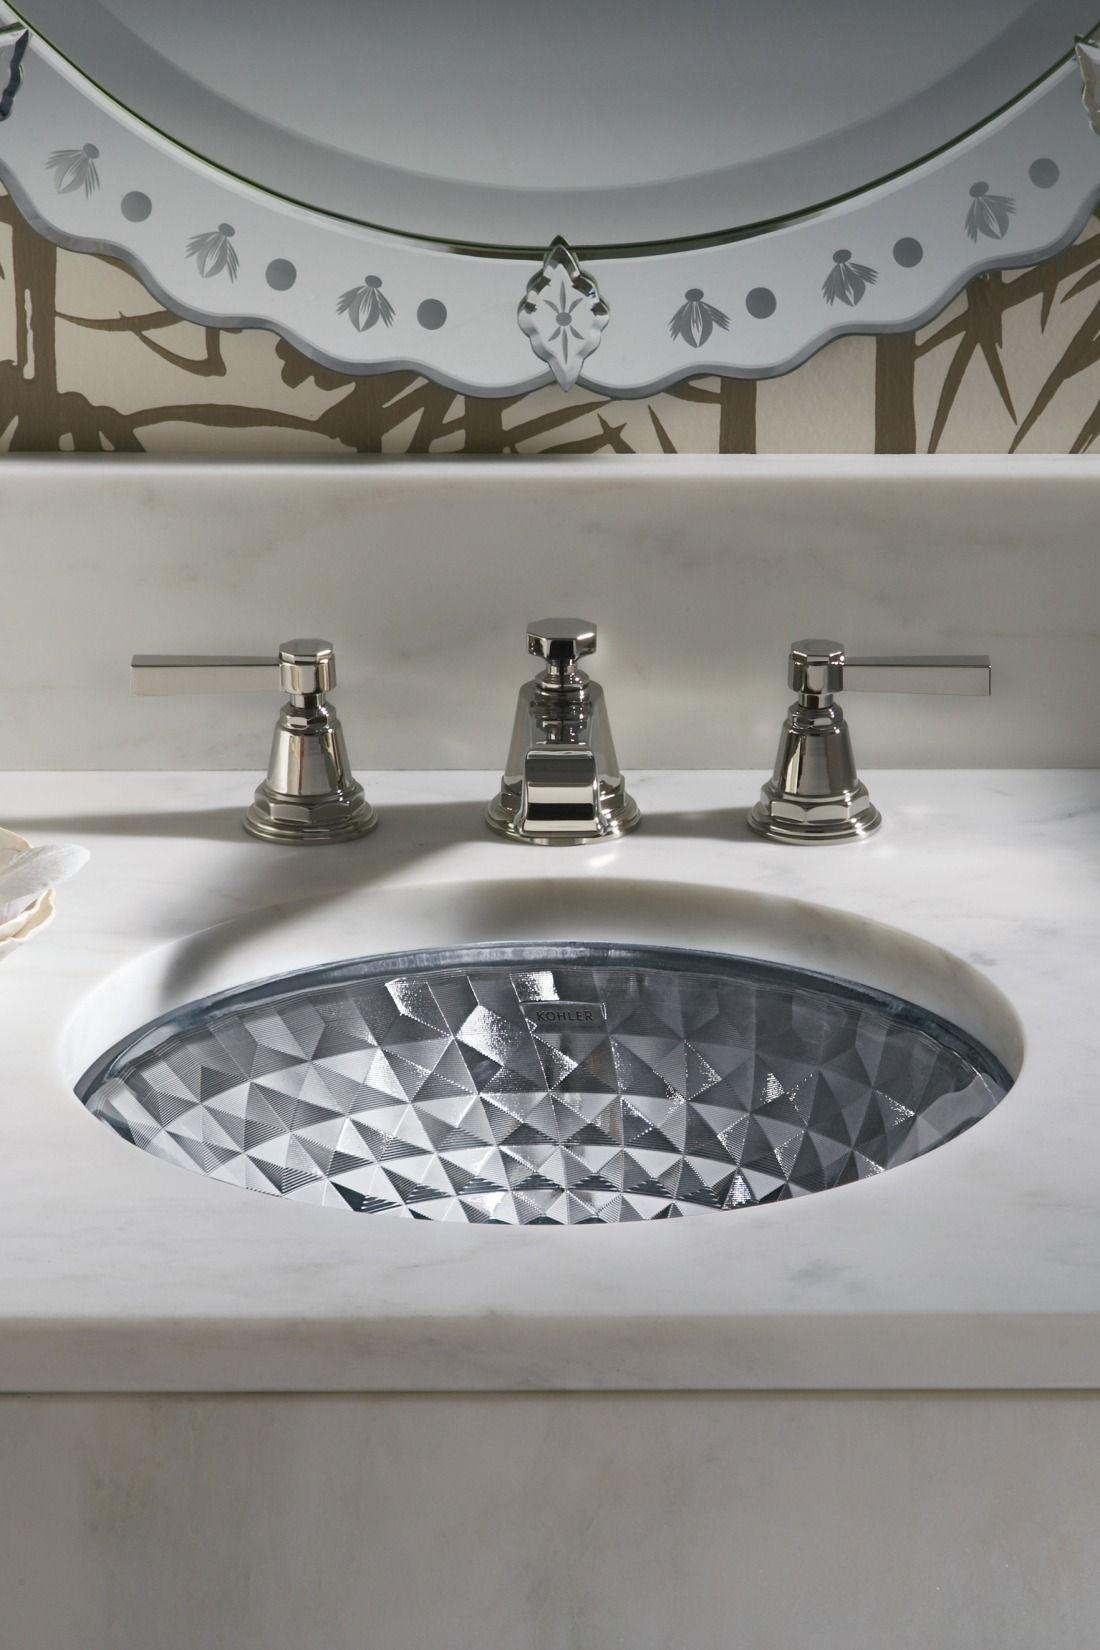 Kohler Kallos Spun Glass Undermount Basin | KOHLER | tapware ...